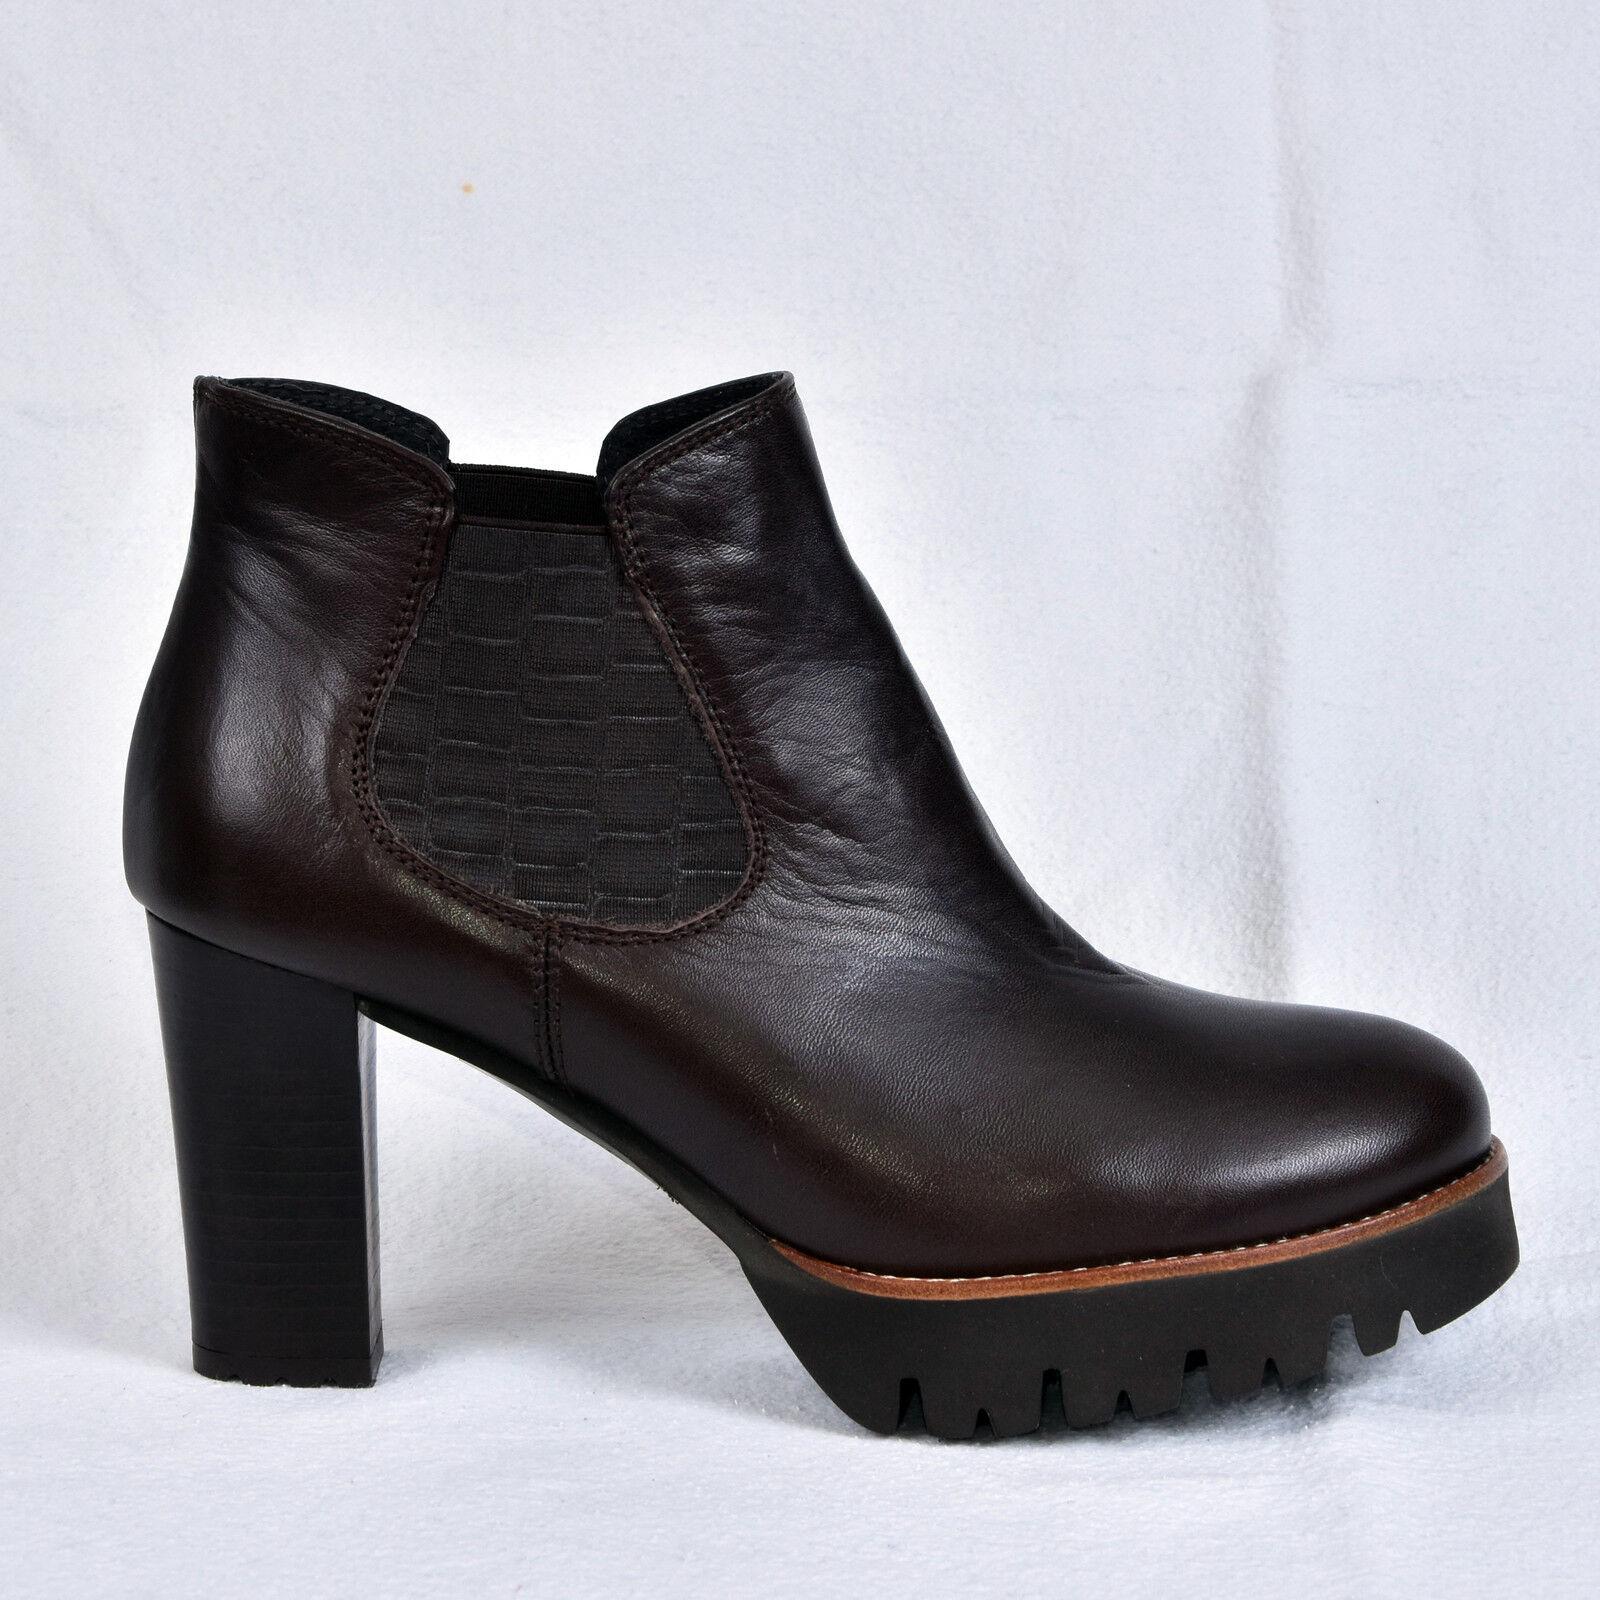 Gadea señora botines botas marrón de cuero nuevo